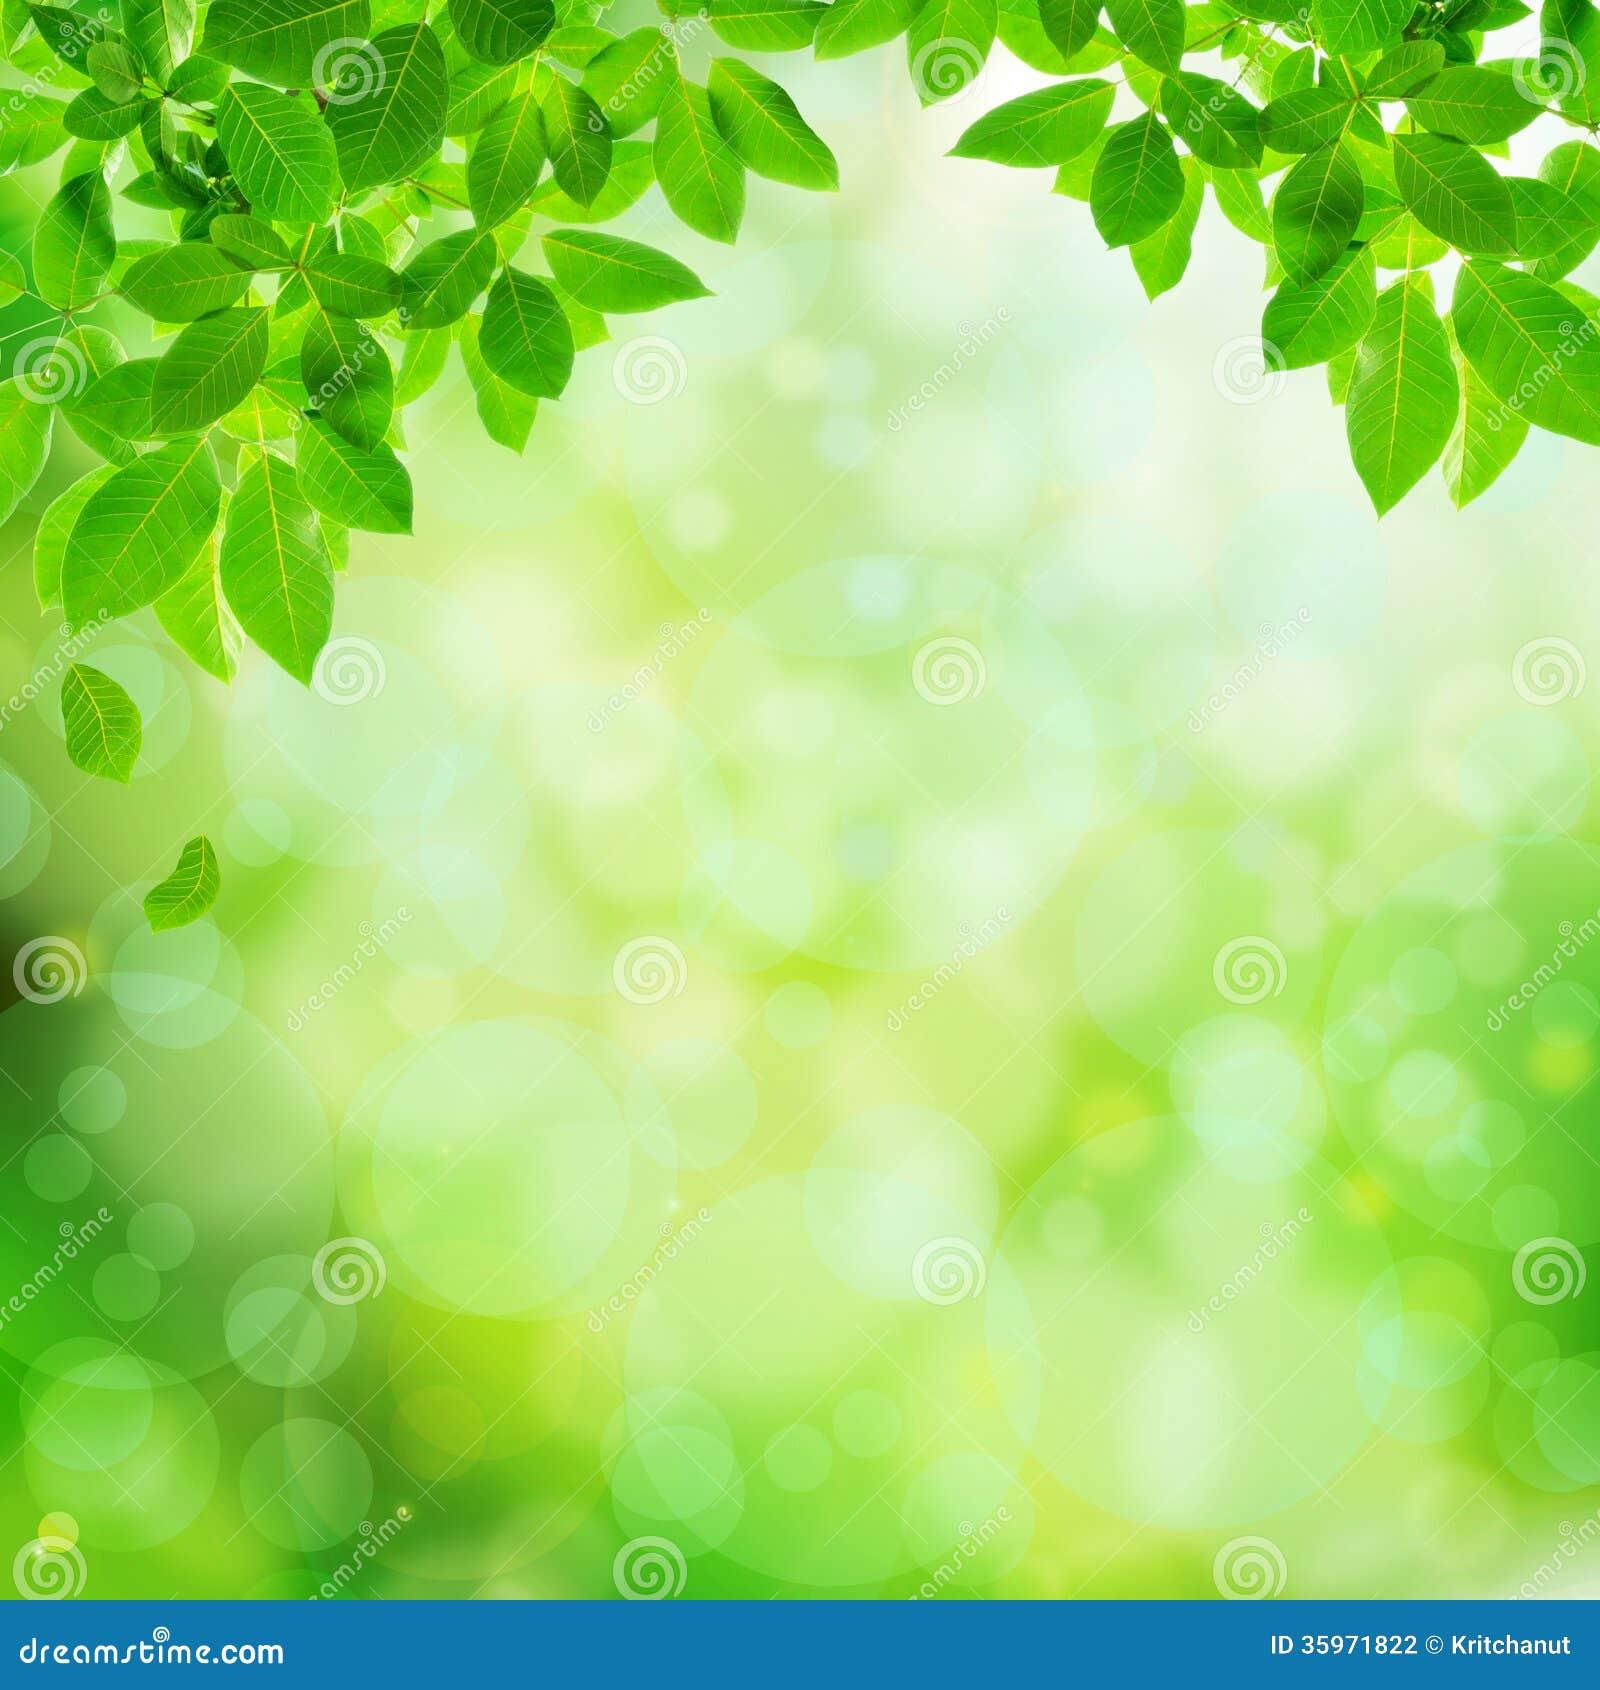 Fondo abstracto natural verde